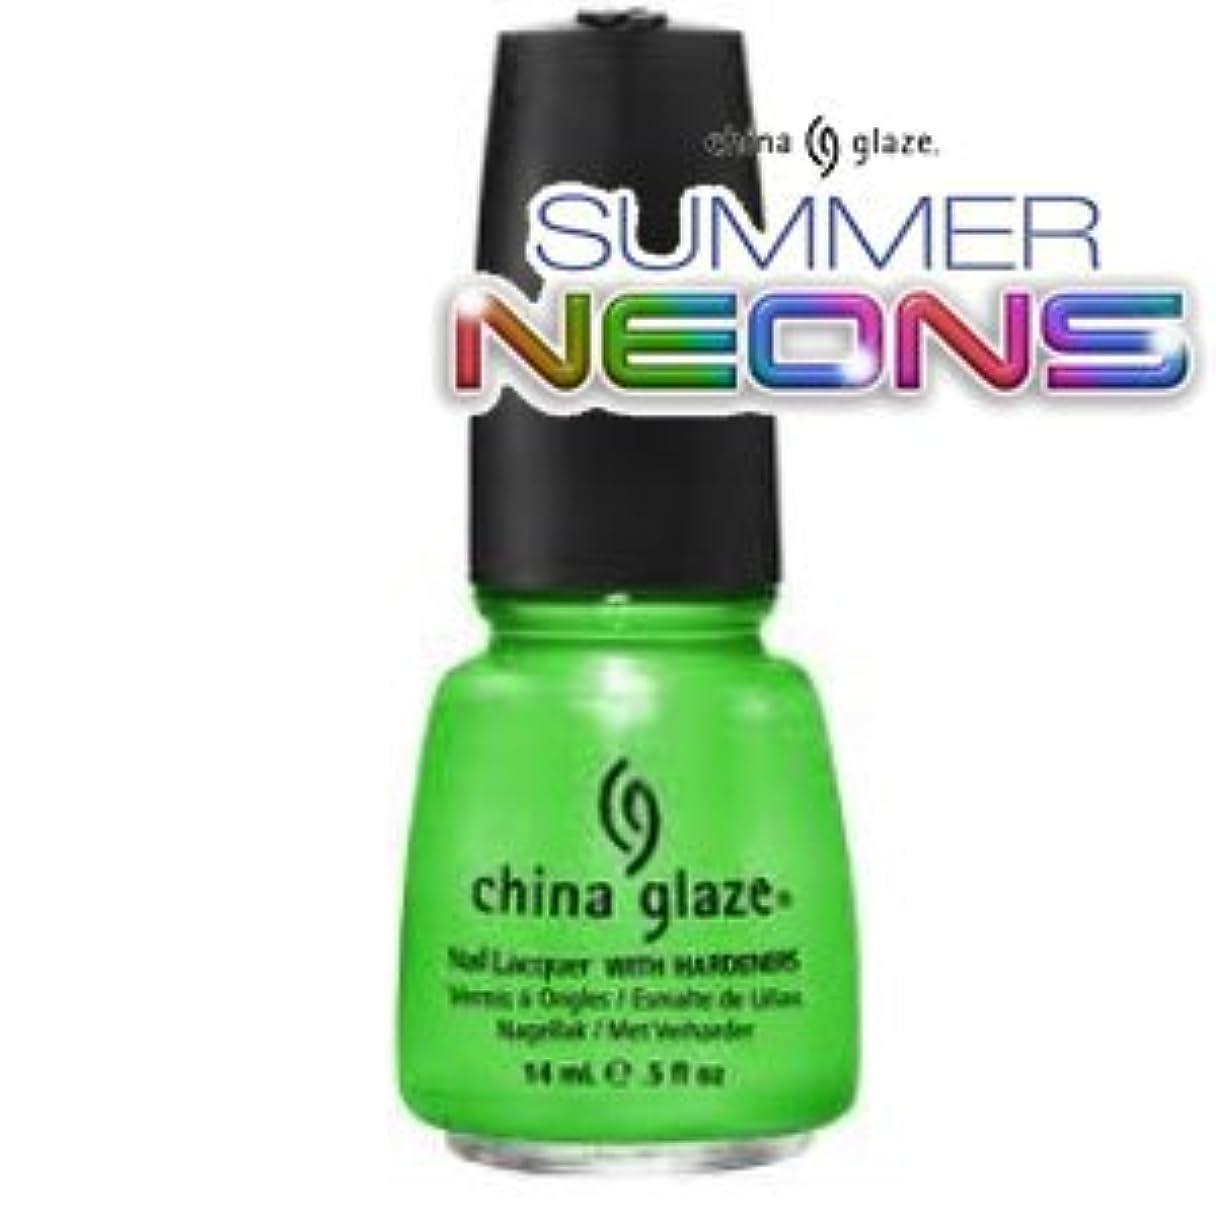 周辺代表財布(チャイナグレイズ)China Glaze I'm With The Lifeguardーサマーネオン コレクション [海外直送品][並行輸入品]